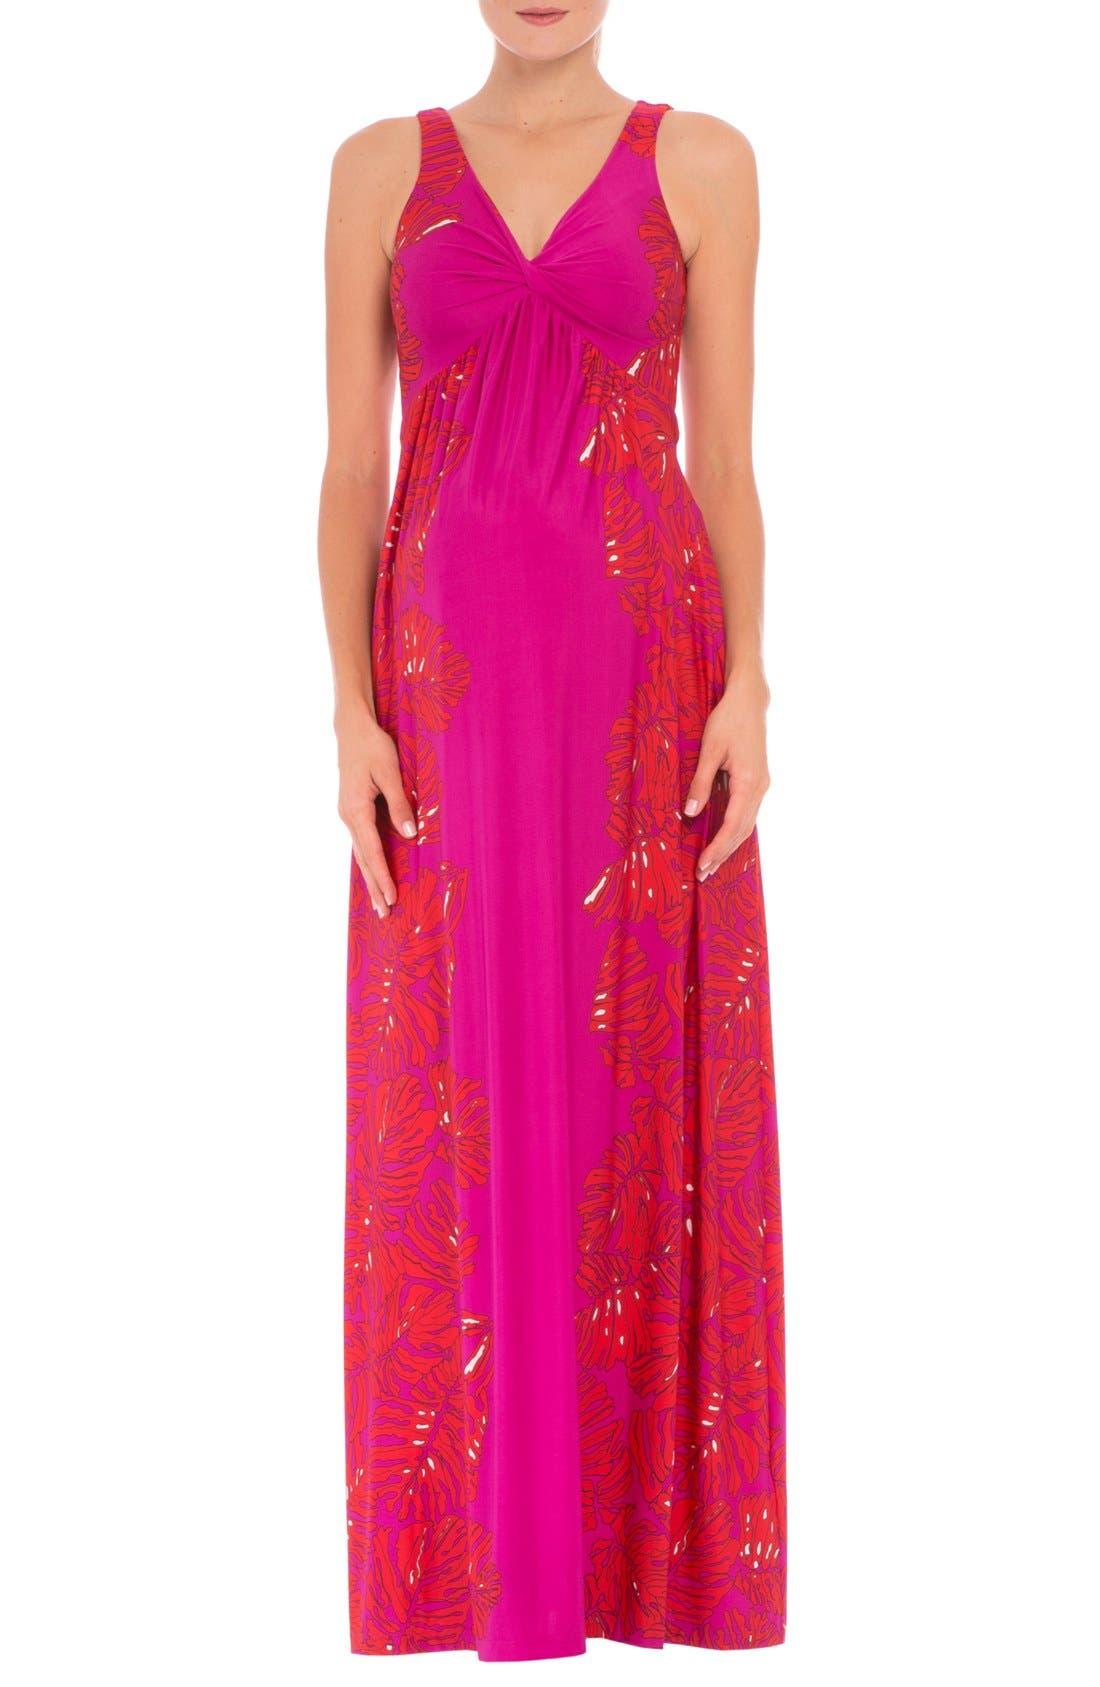 Olian 'Scarlet' Sleeveless Maternity Maxi Dress